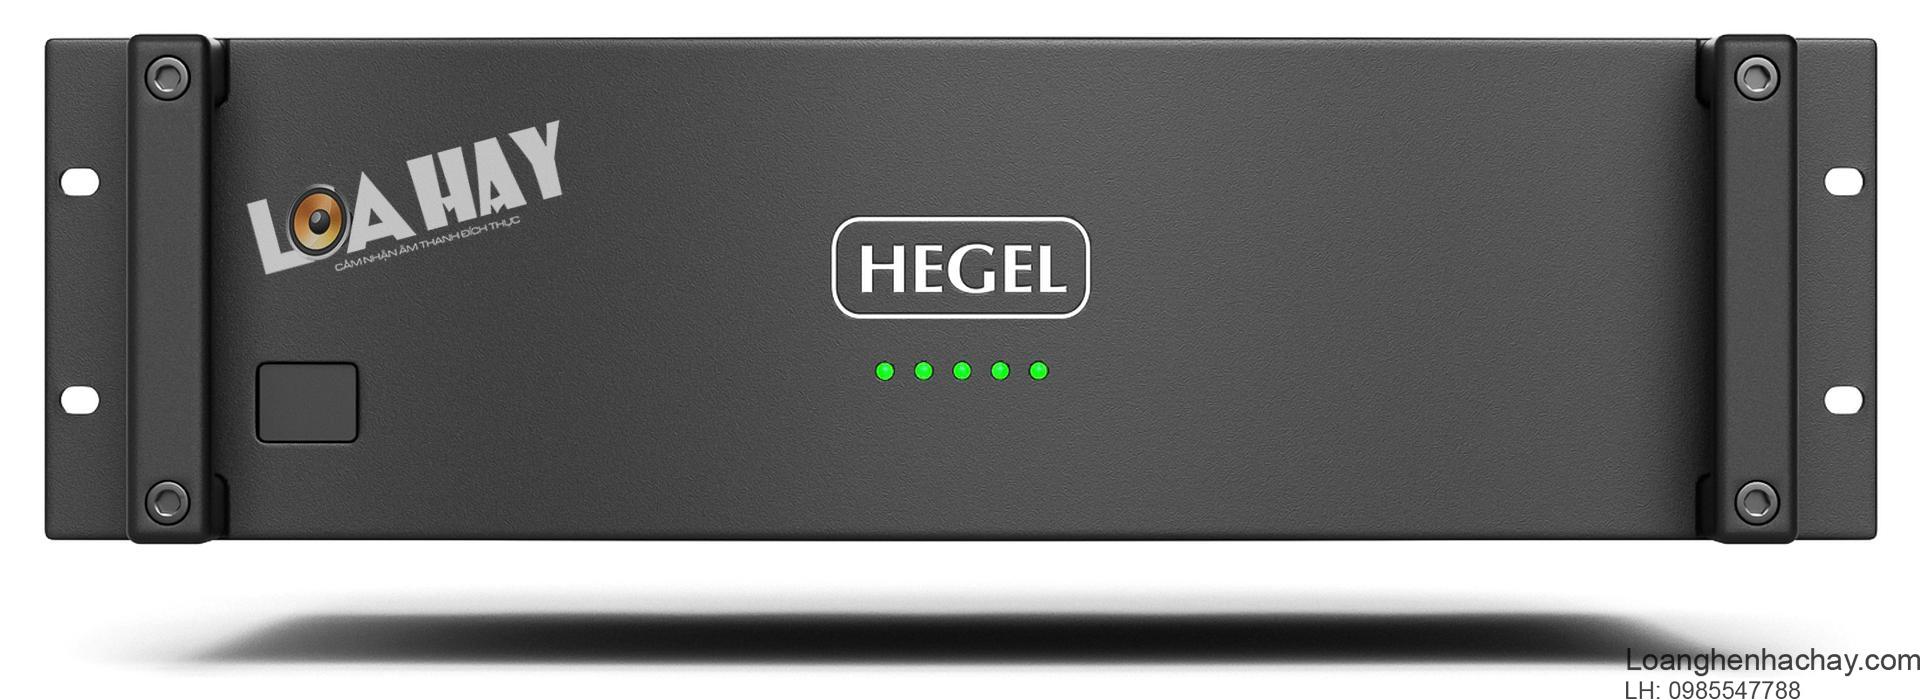 Hegel C54